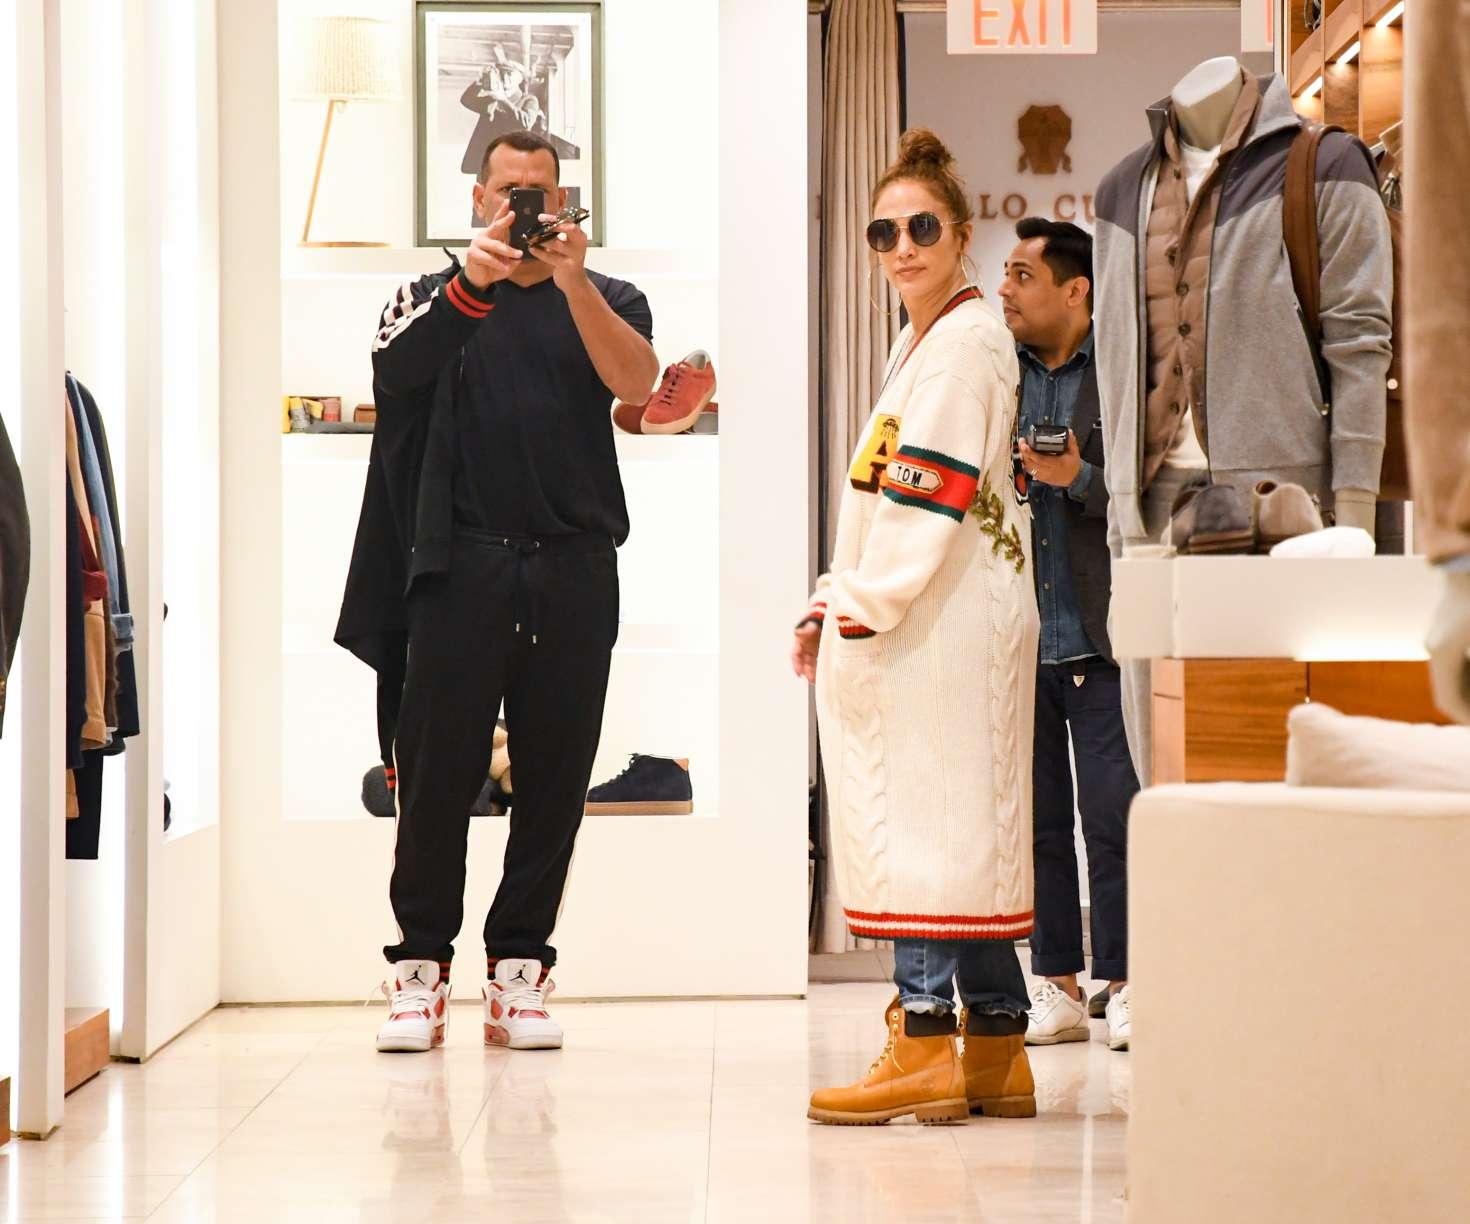 Jennifer Lopez 2017 : Jennifer Lopez and Alex Rodriguez Shopping in LA -14